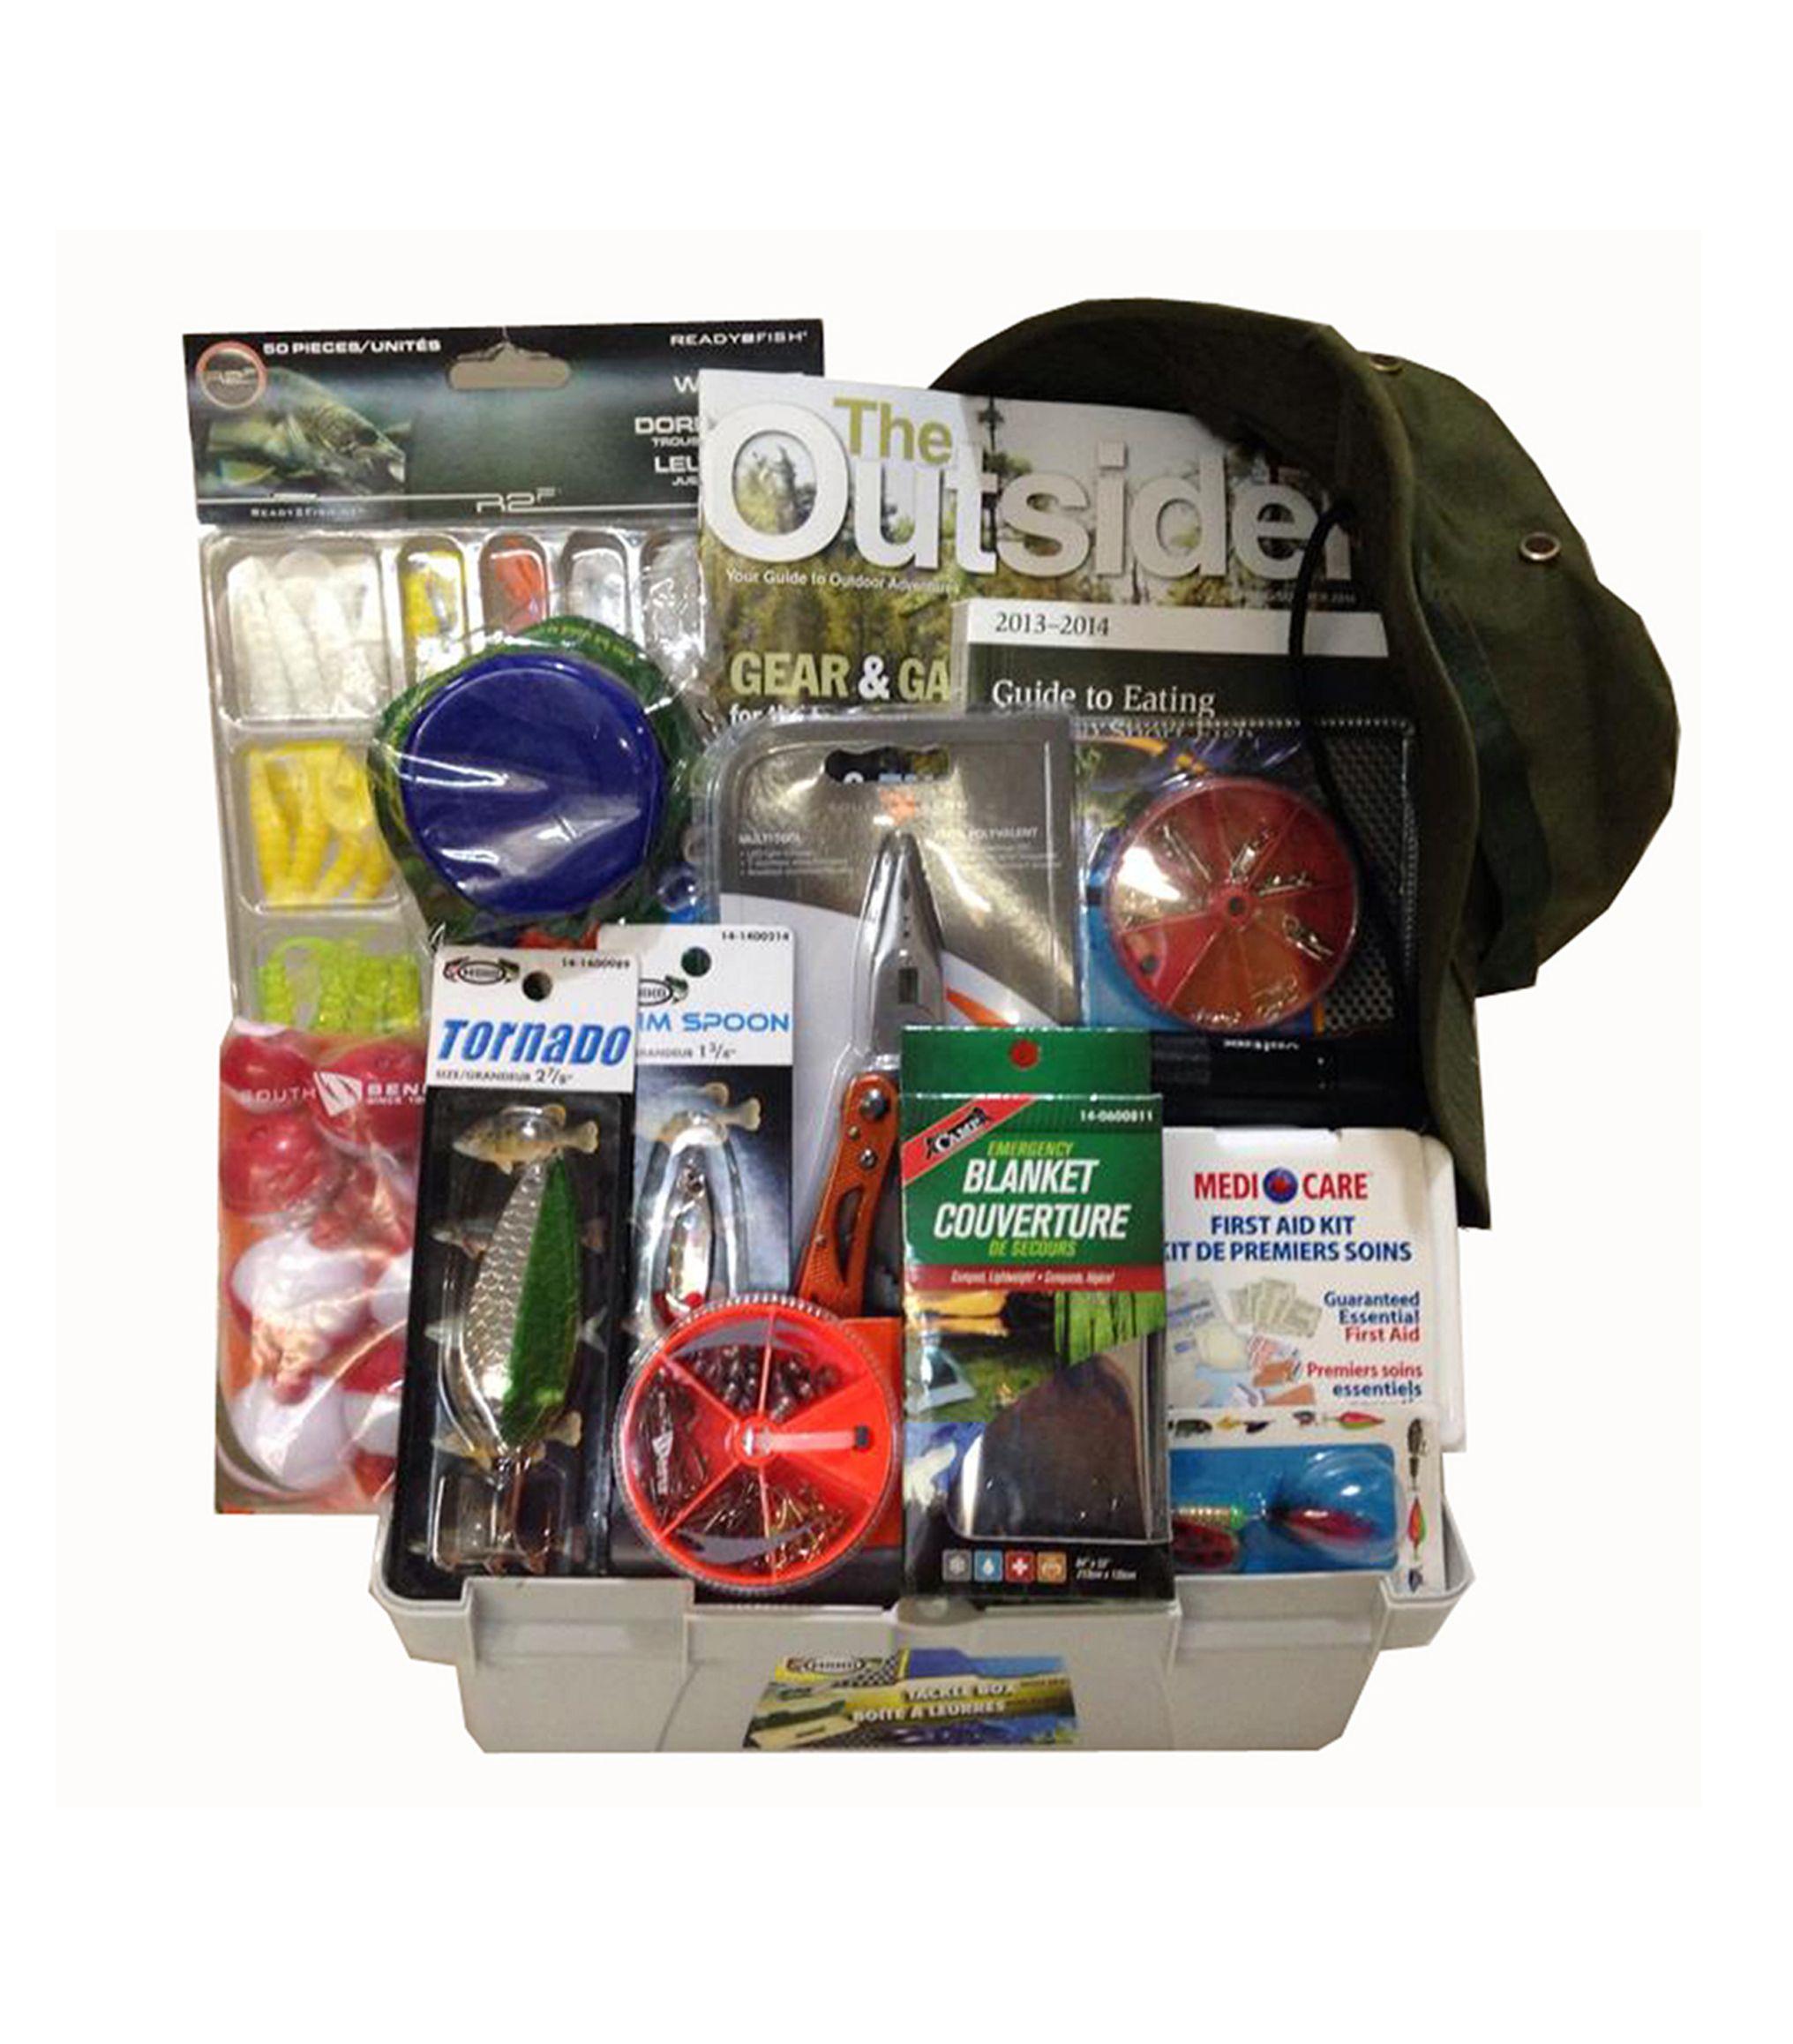 Fishing Gift Basket - Gift Baskets Toronto                                                                                                                                                                                 More